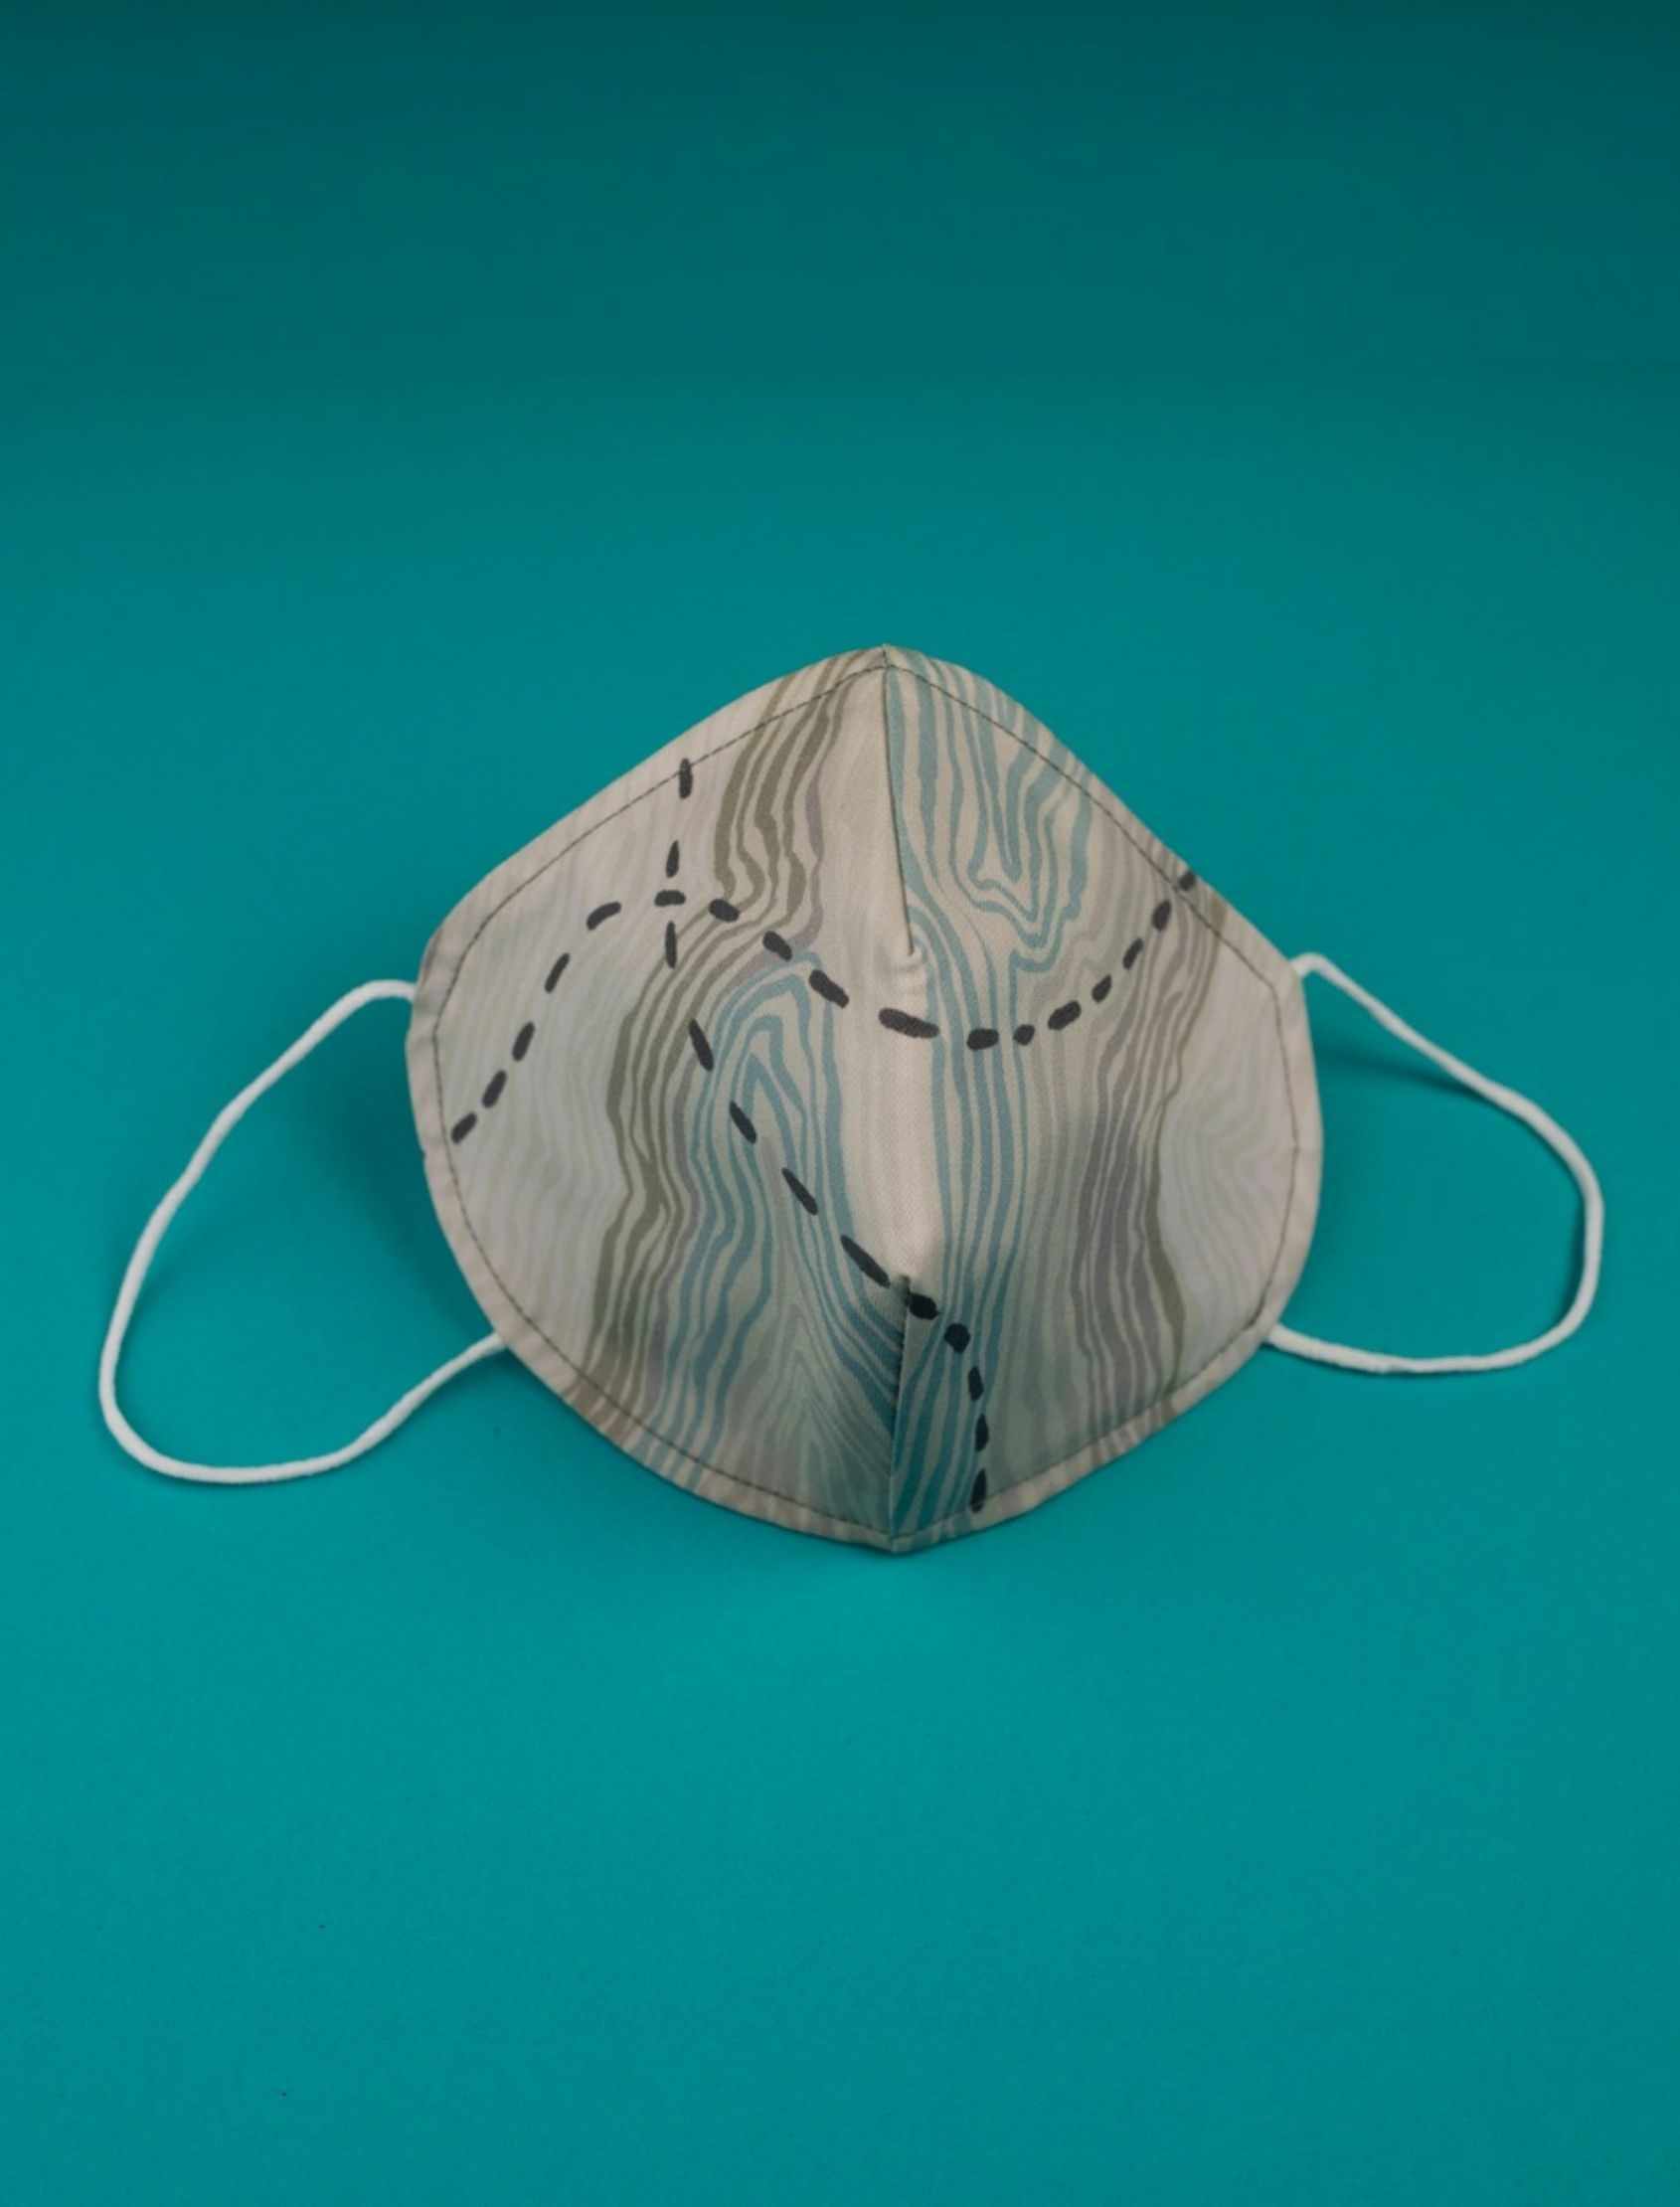 Mascarilla hombre diego con tejido homologado reutilizable hasta 25 lavados